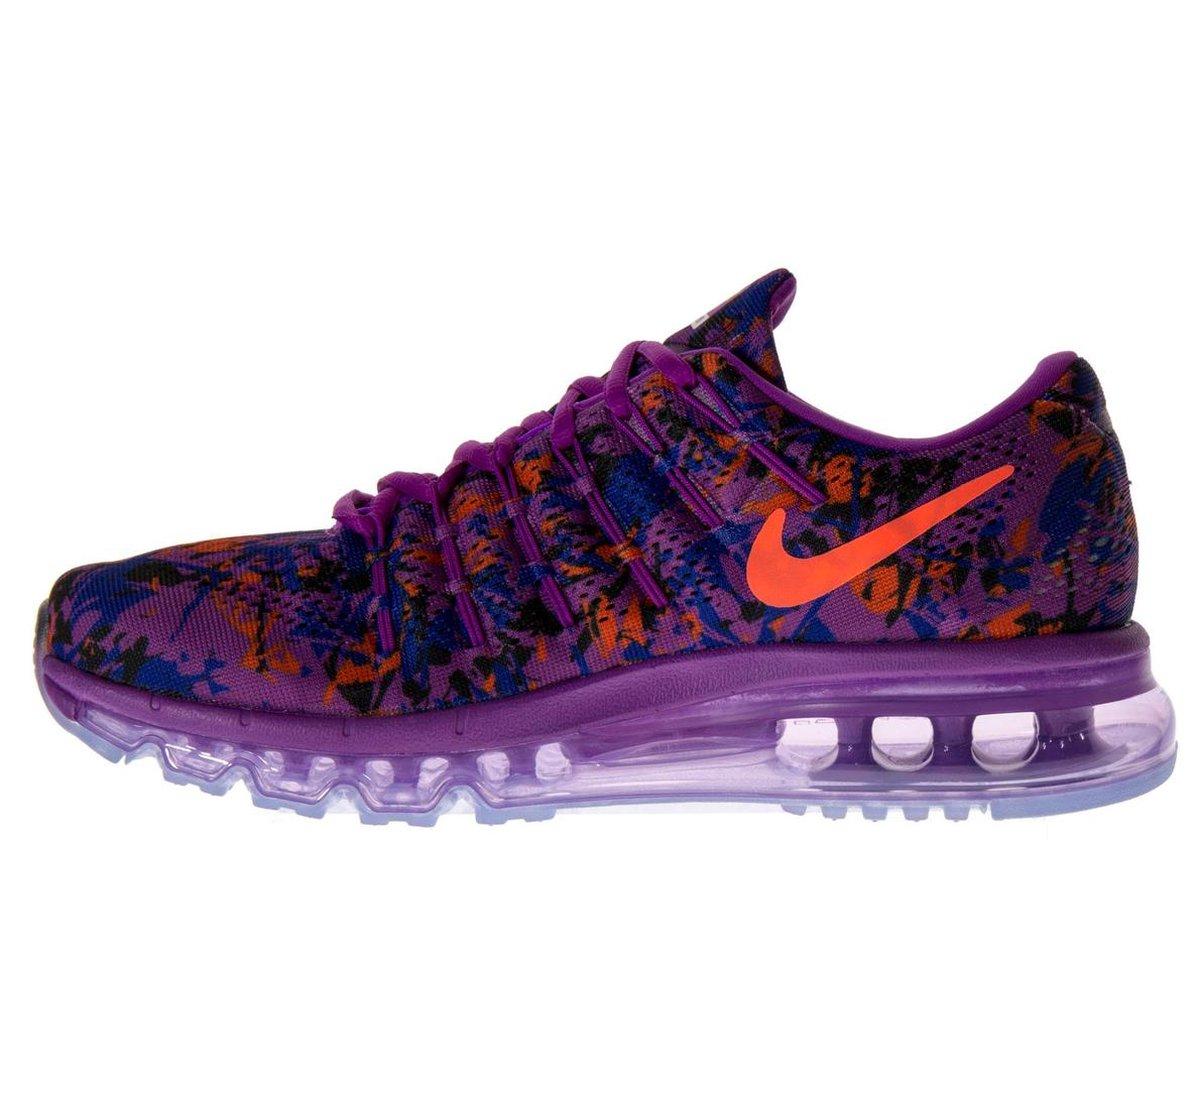 Nike Air Max 2016 Print Sneakers Dames Sportschoenen Maat 36.5 Vrouwen paarsoranjeblauw